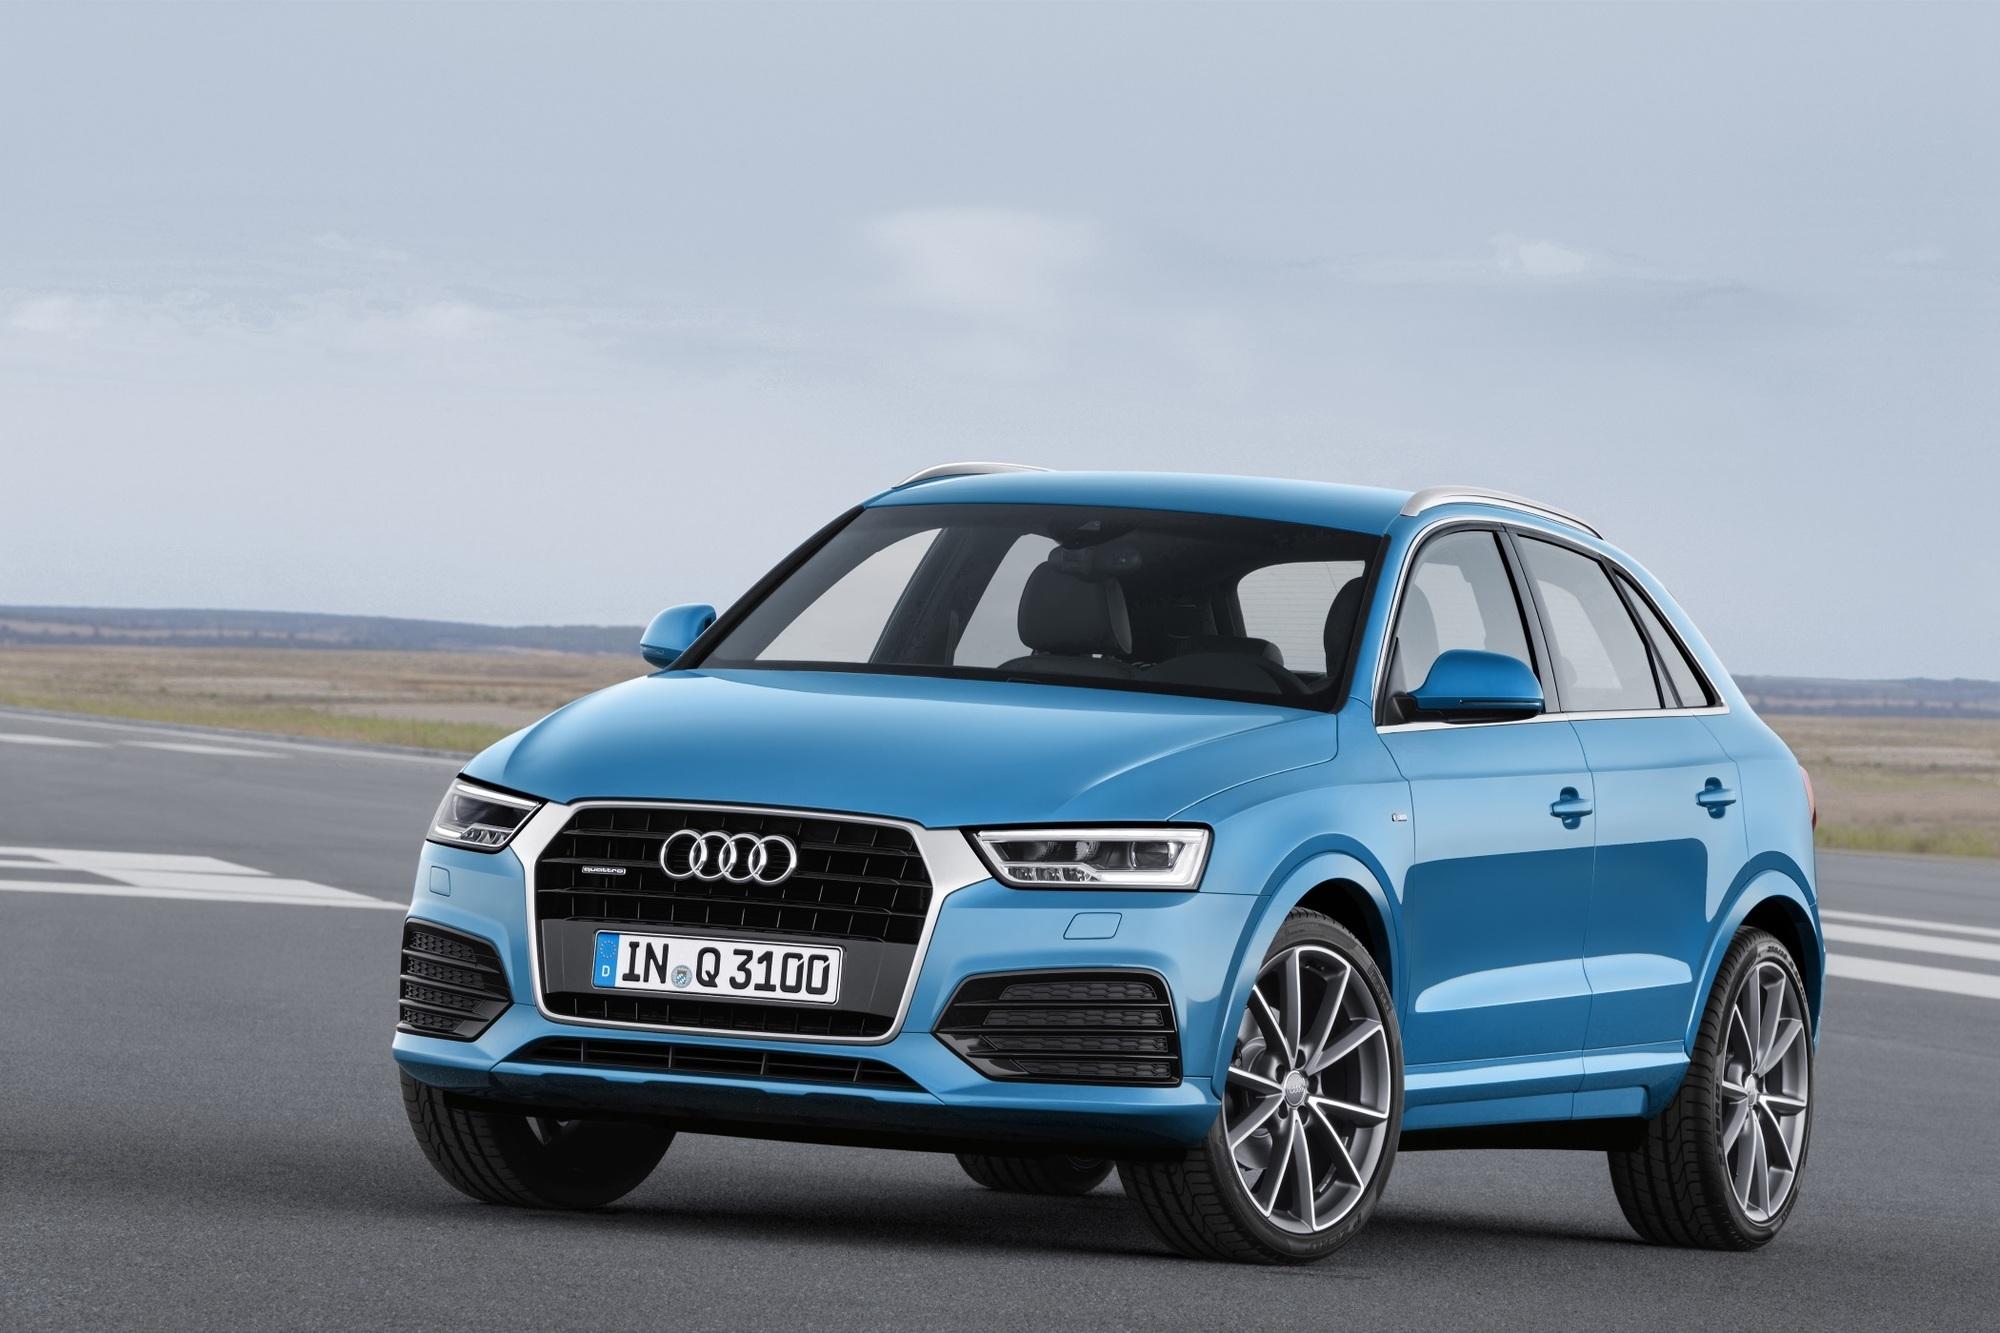 Fahrbericht: Audi Q3 - Mut zum Otto